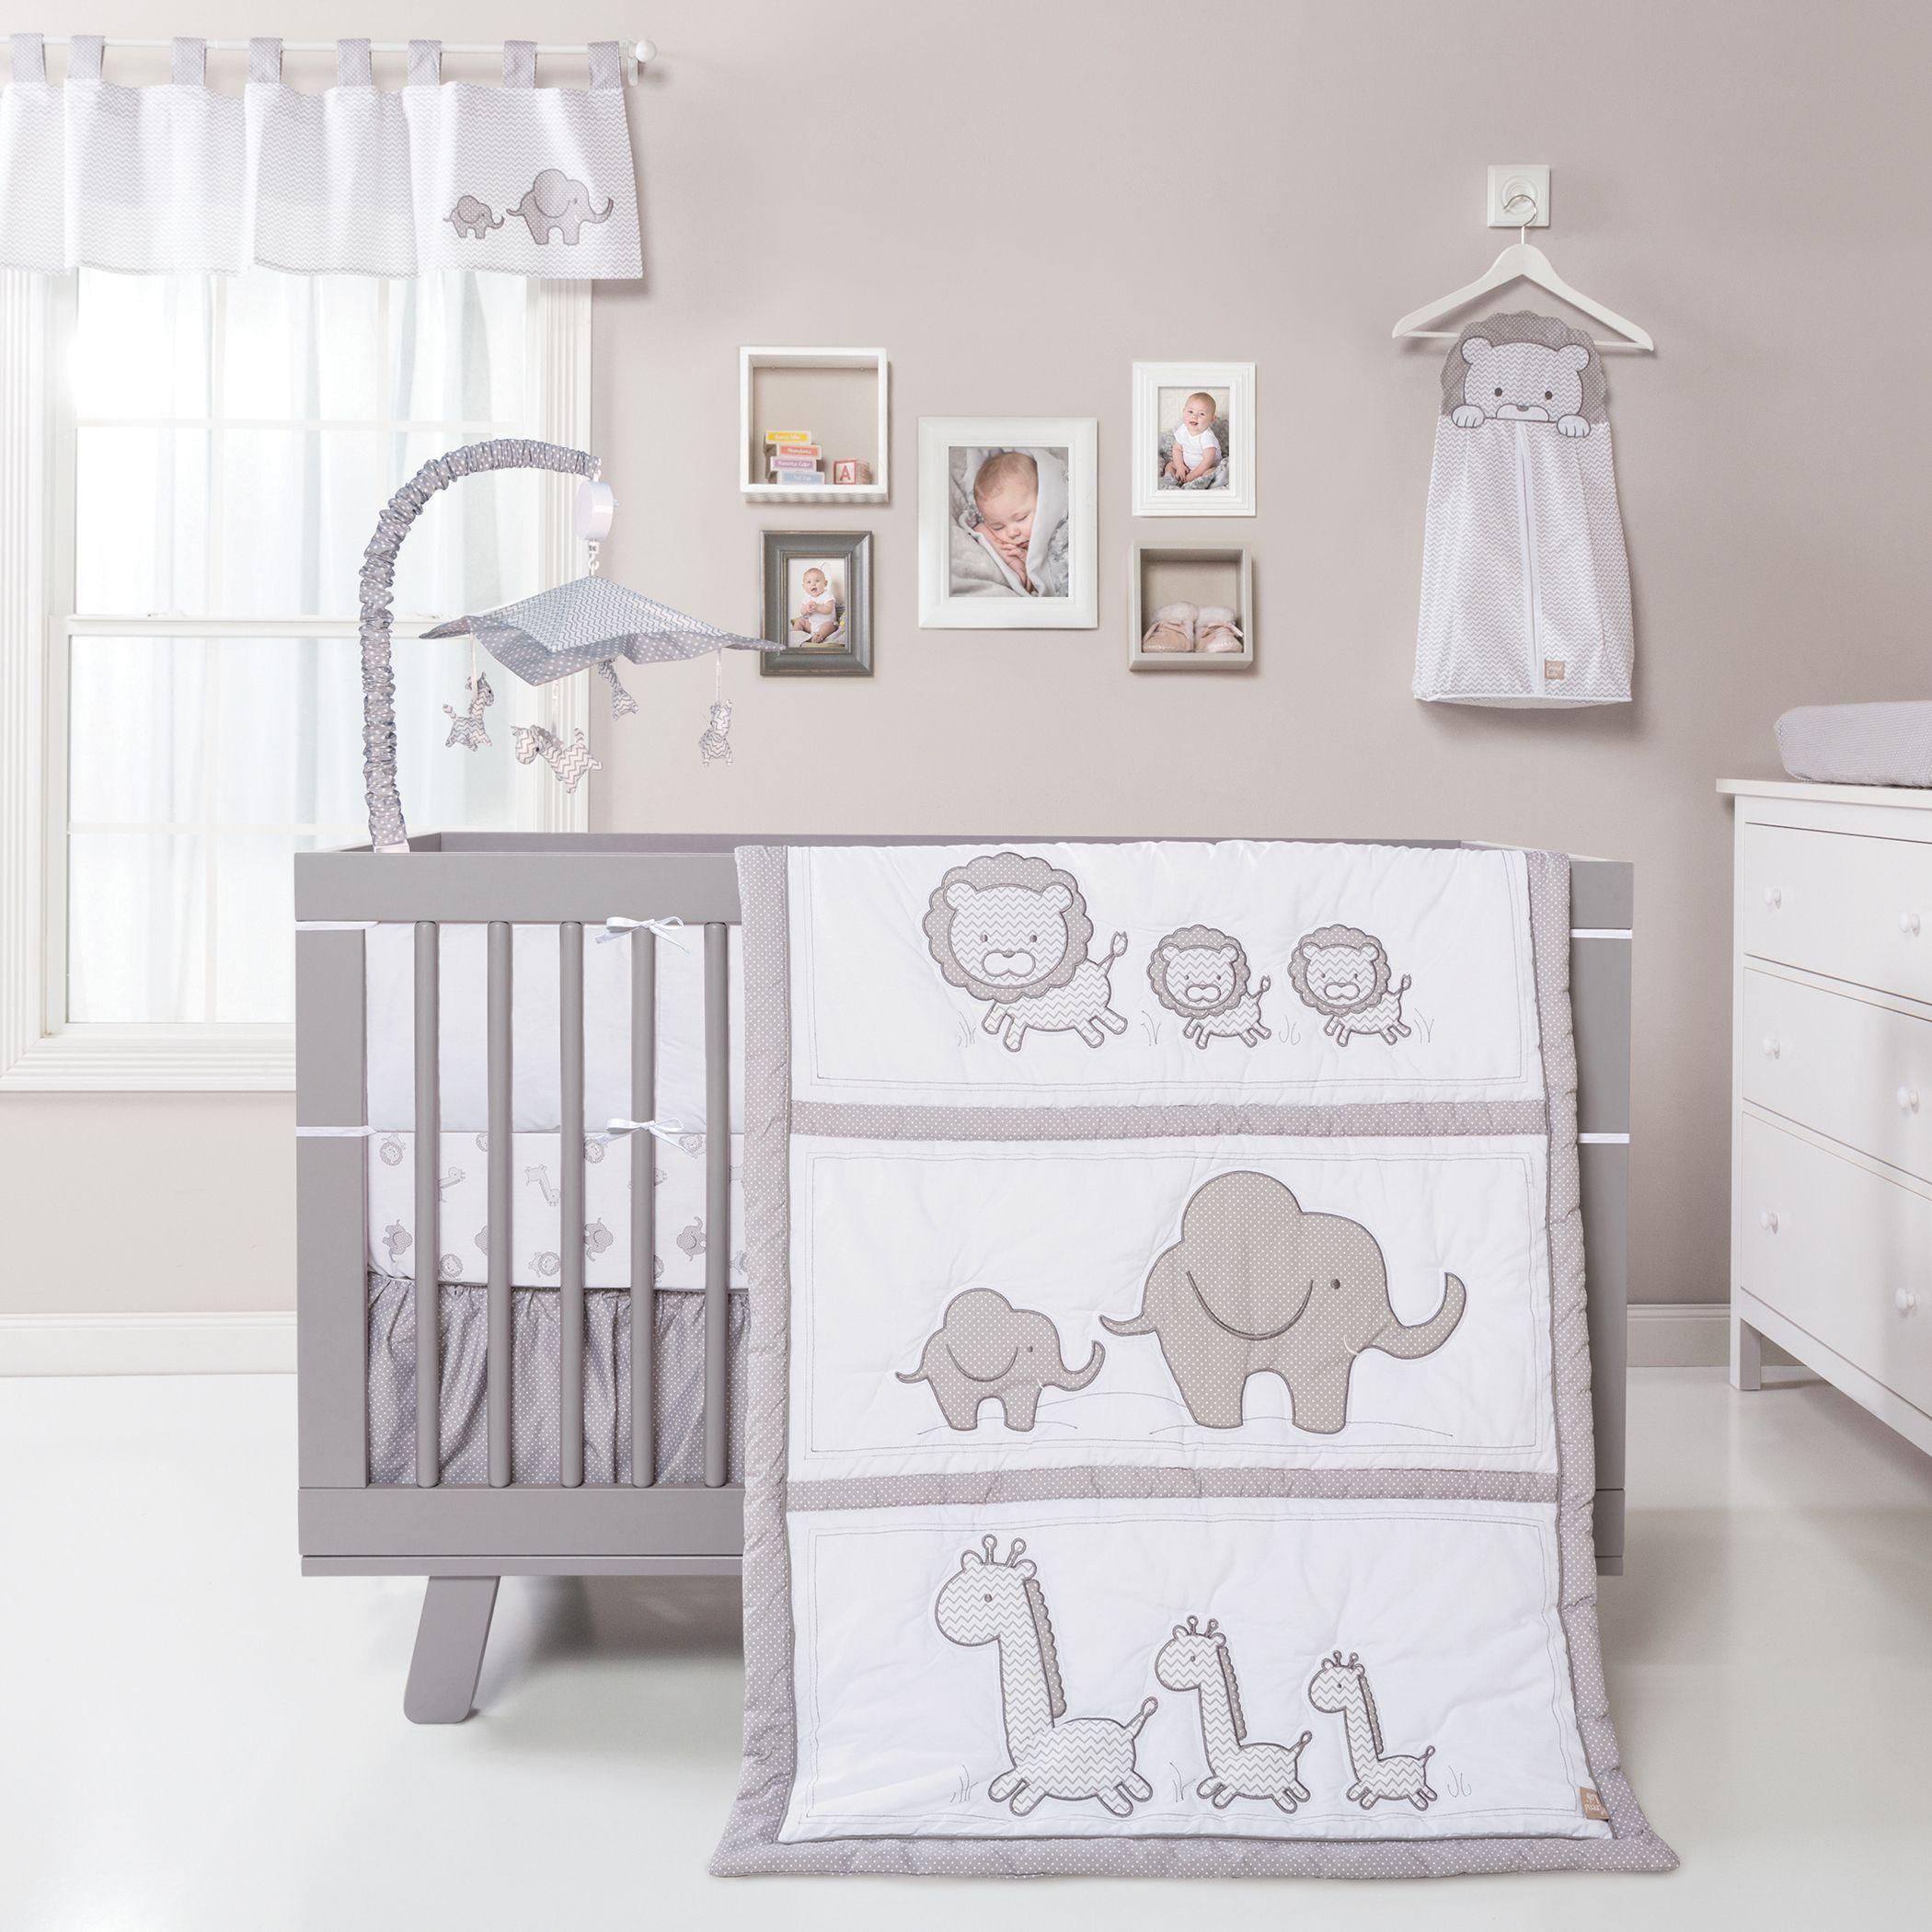 Sears - Online | BB Nursery | Pinterest